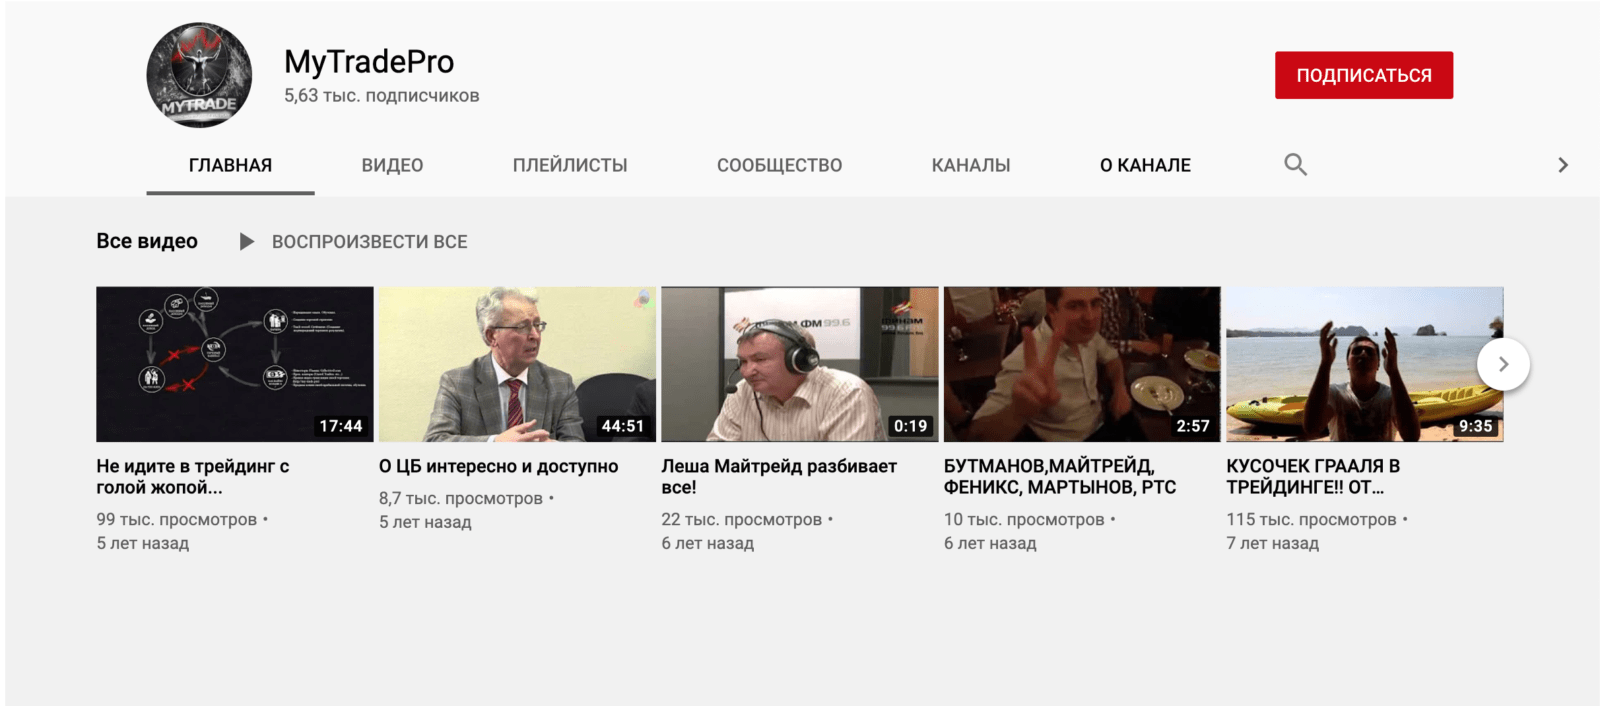 YouTube mytradepro